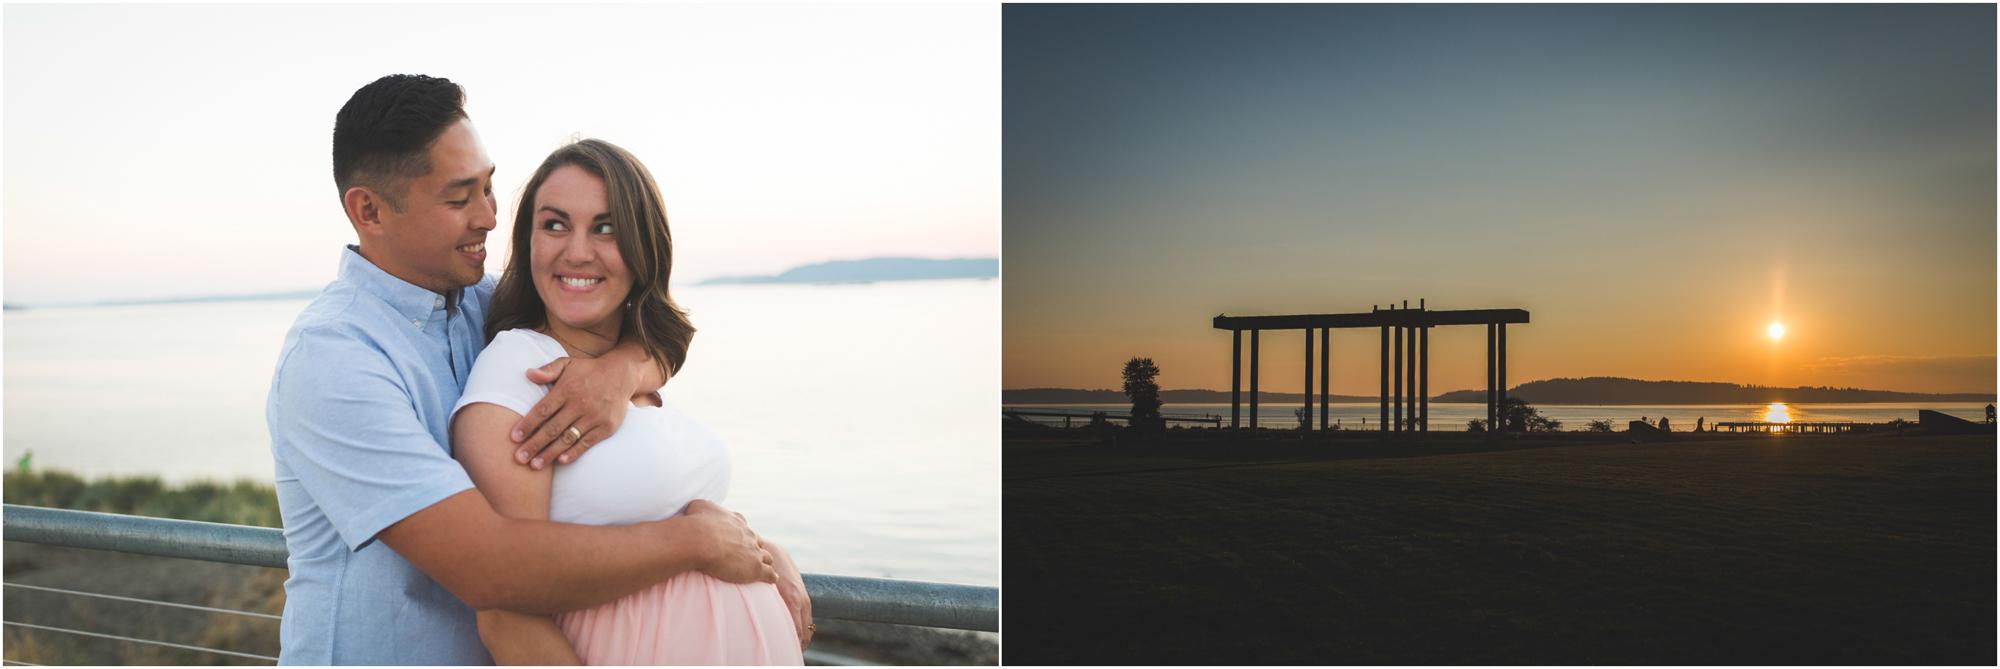 ashley vos photography seattle tacoma area maternity photographer_0740.jpg